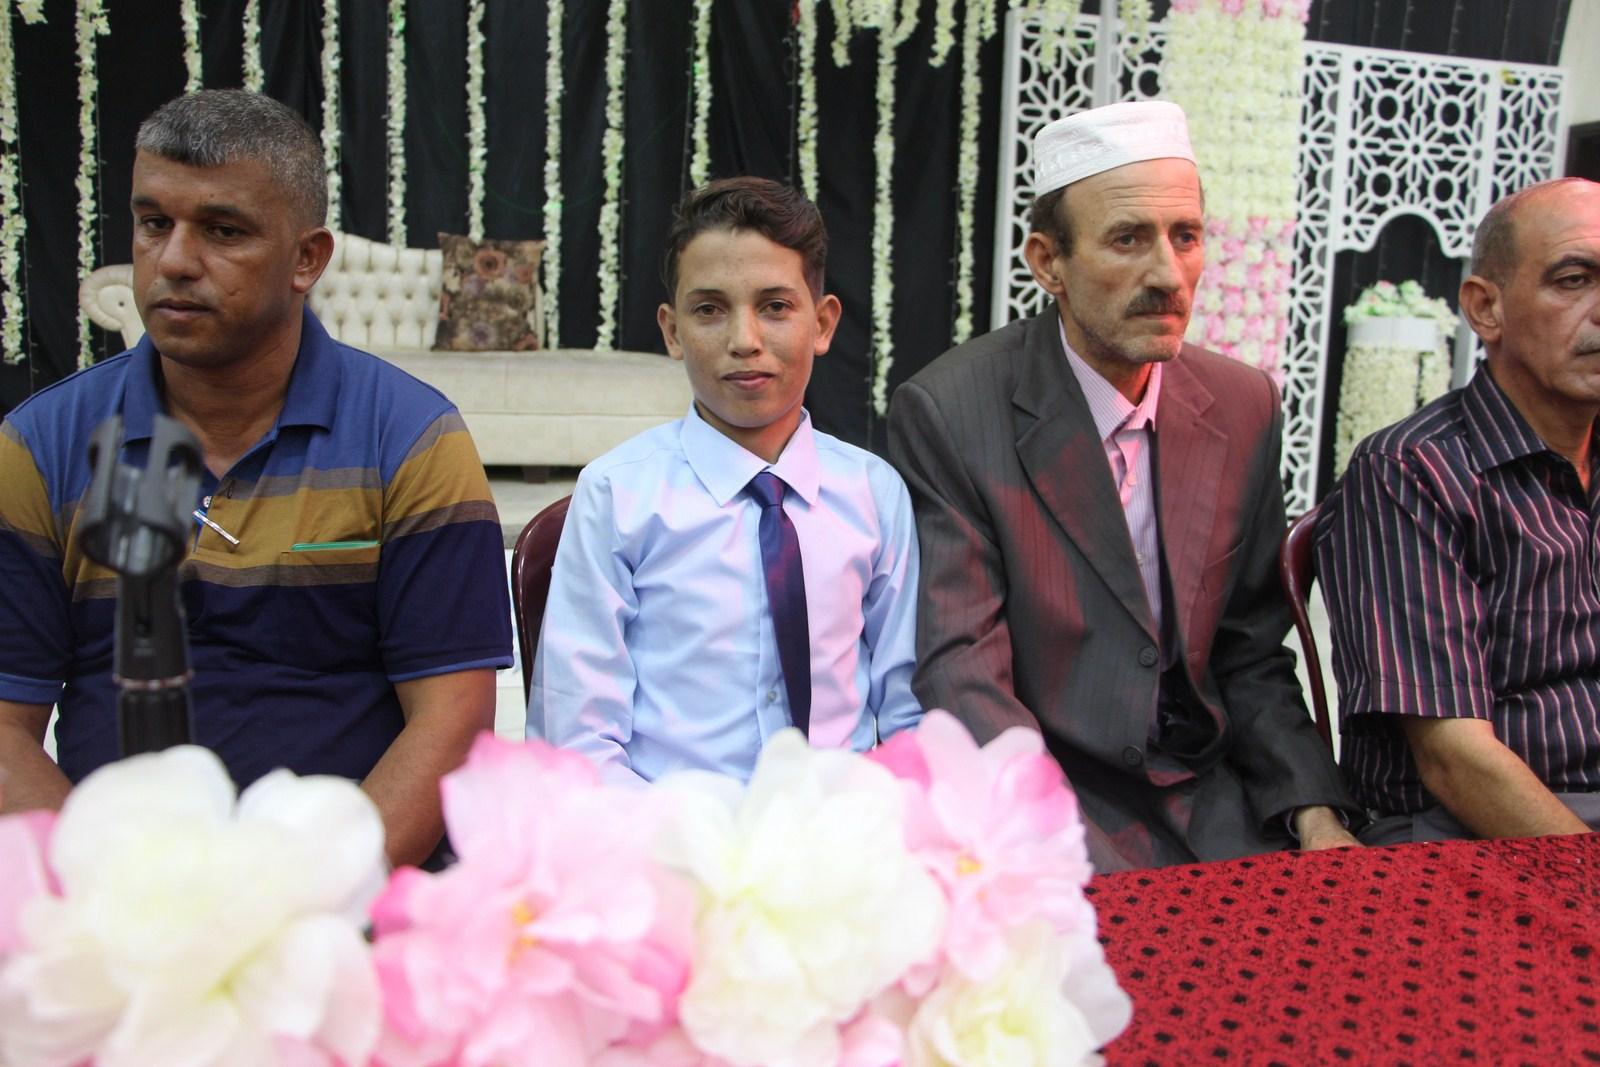 عقد قرآن وحفل زفاف أ.يحيى نصرالله عبدالحافظ الفرا